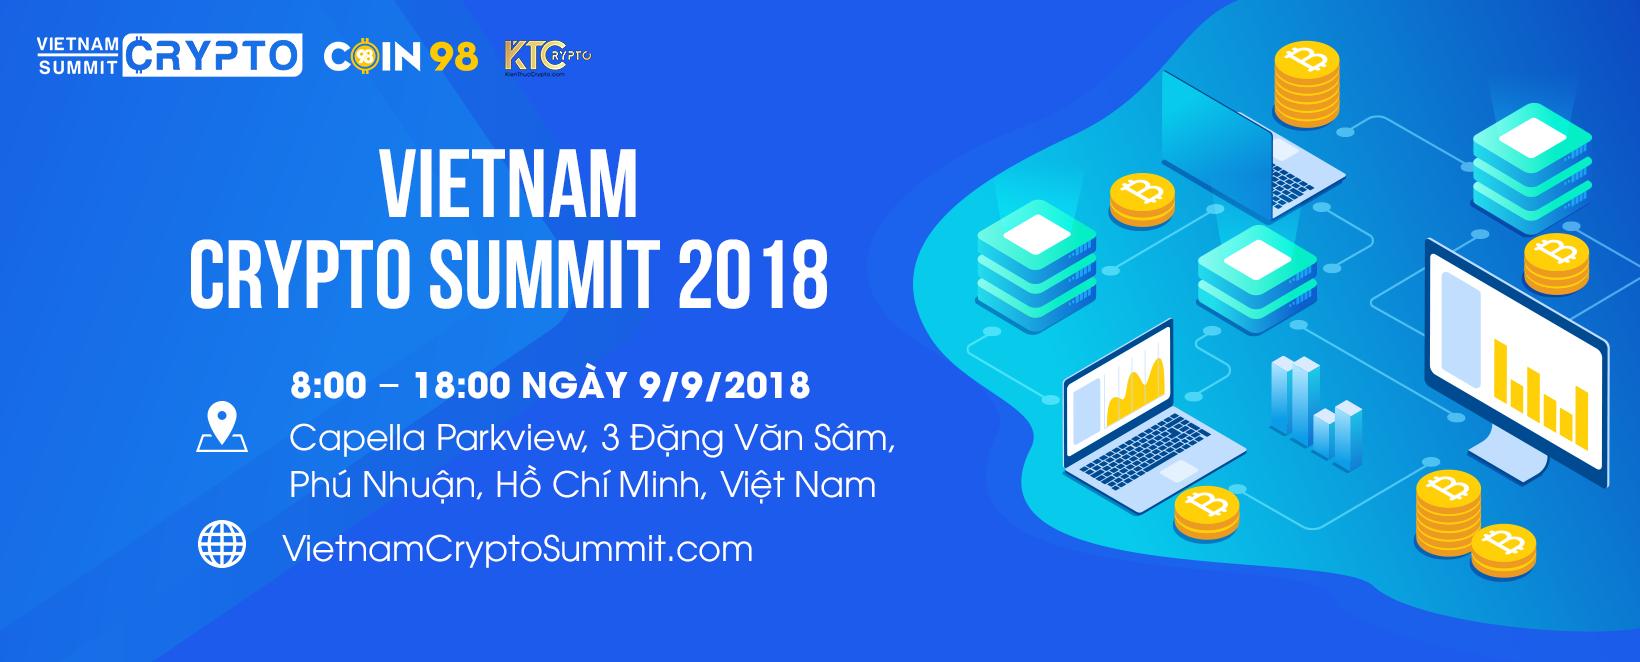 [PR] Mở khoá thành công trong nền kinh tế 4.0 tại Việt Nam Crypto Summit 2018